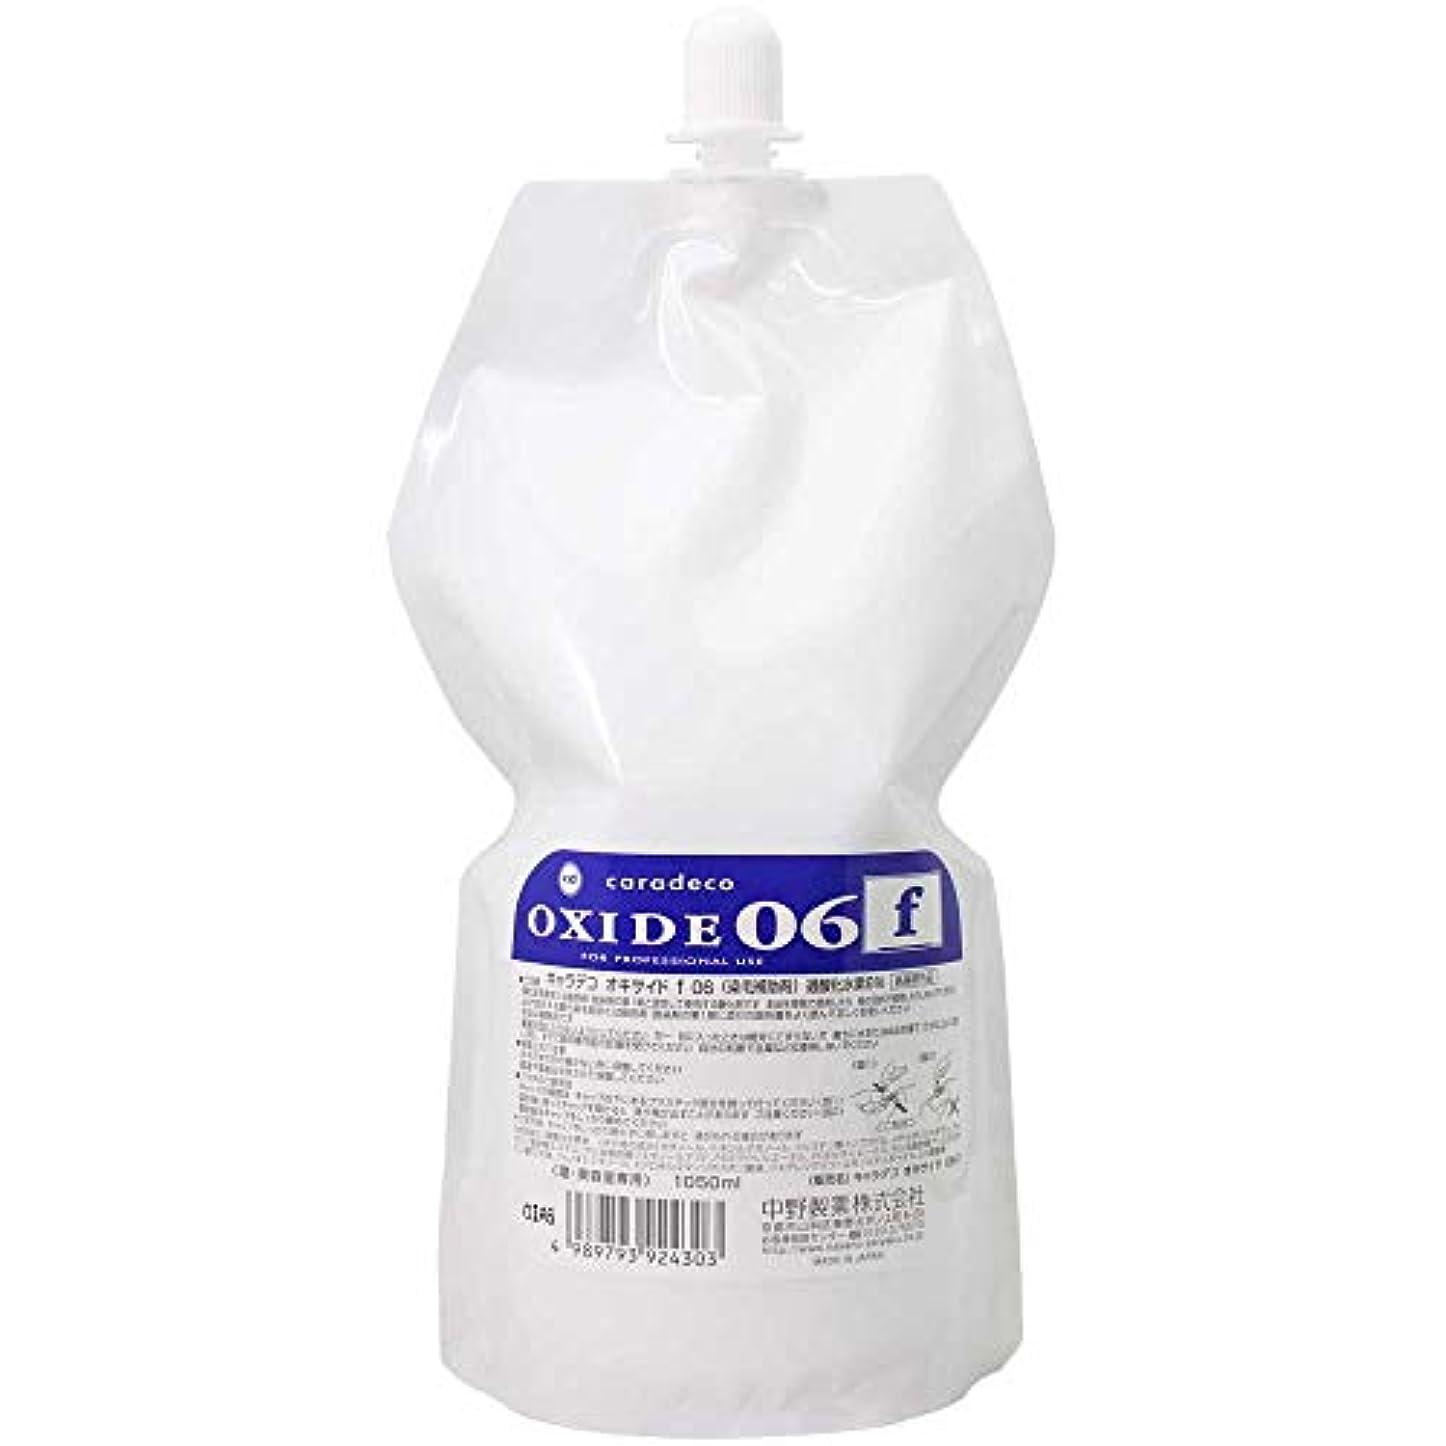 取り付け共感するバランス【ナカノ】キャラデコ オキサイドf 06 第2剤 (過酸化水素6%) 1050ml